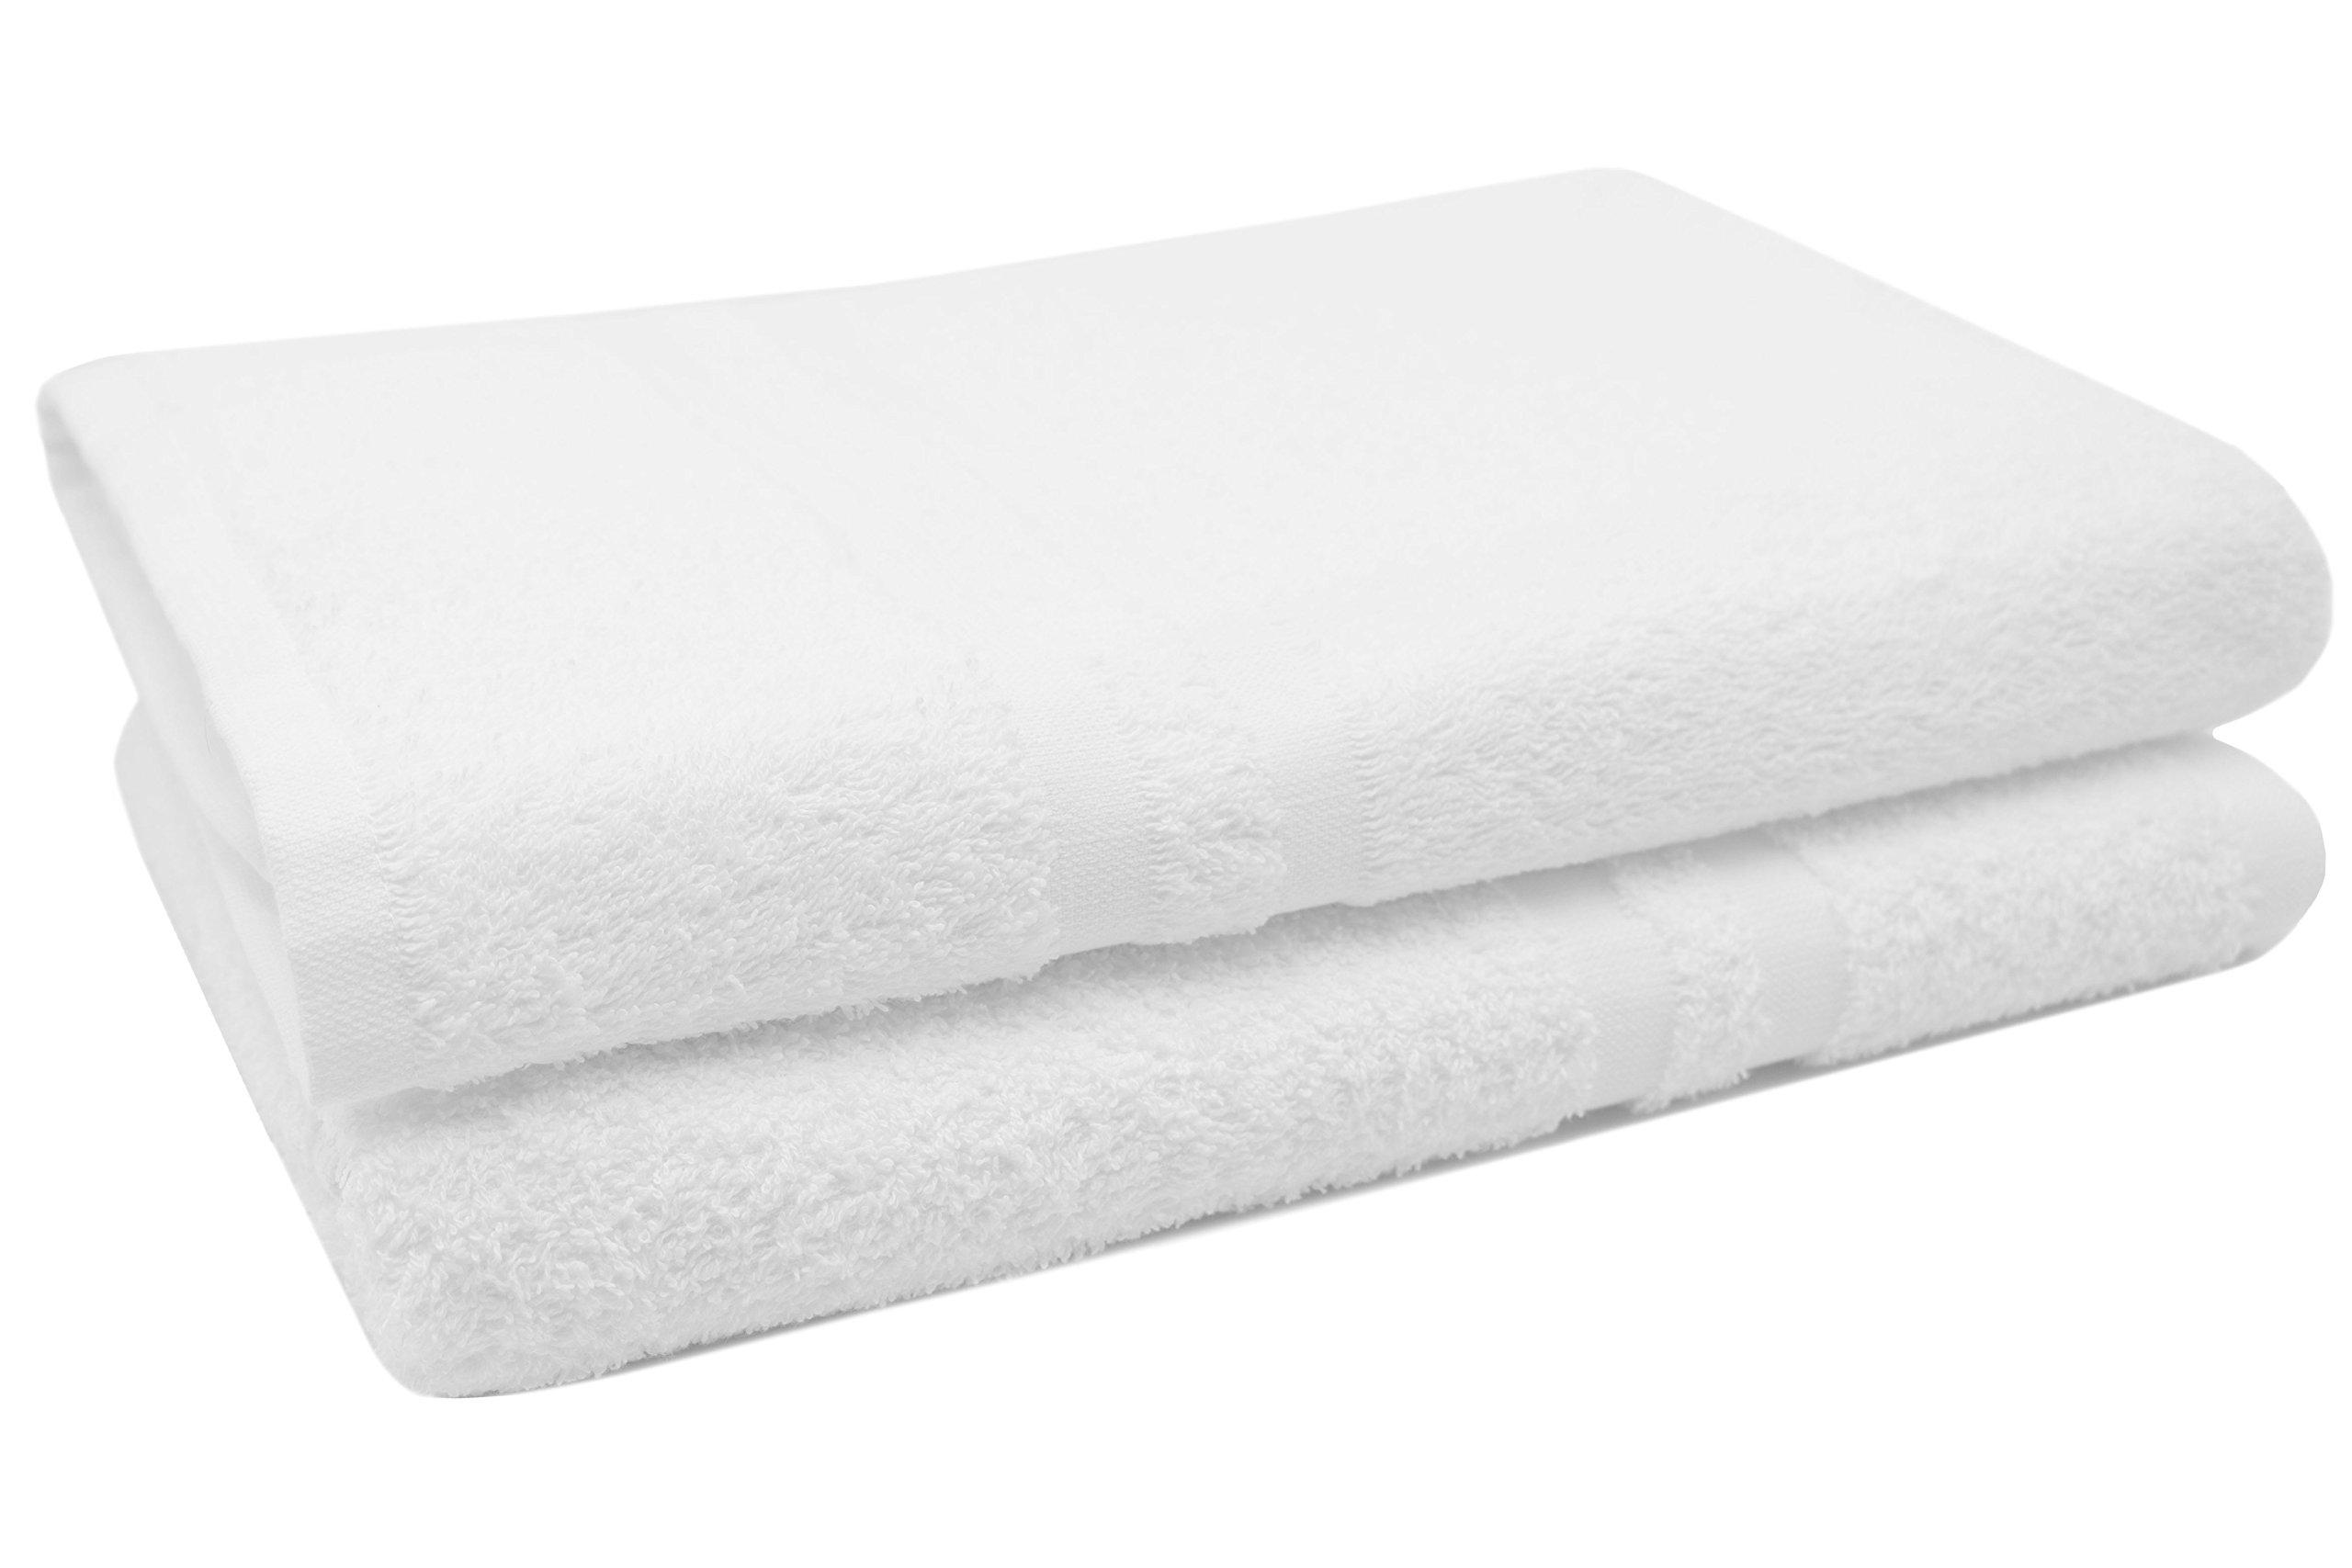 ZOLLNER Juego de 2 Toallas de Ducha de Rizo, algodón, 70x140 cm, Blancas